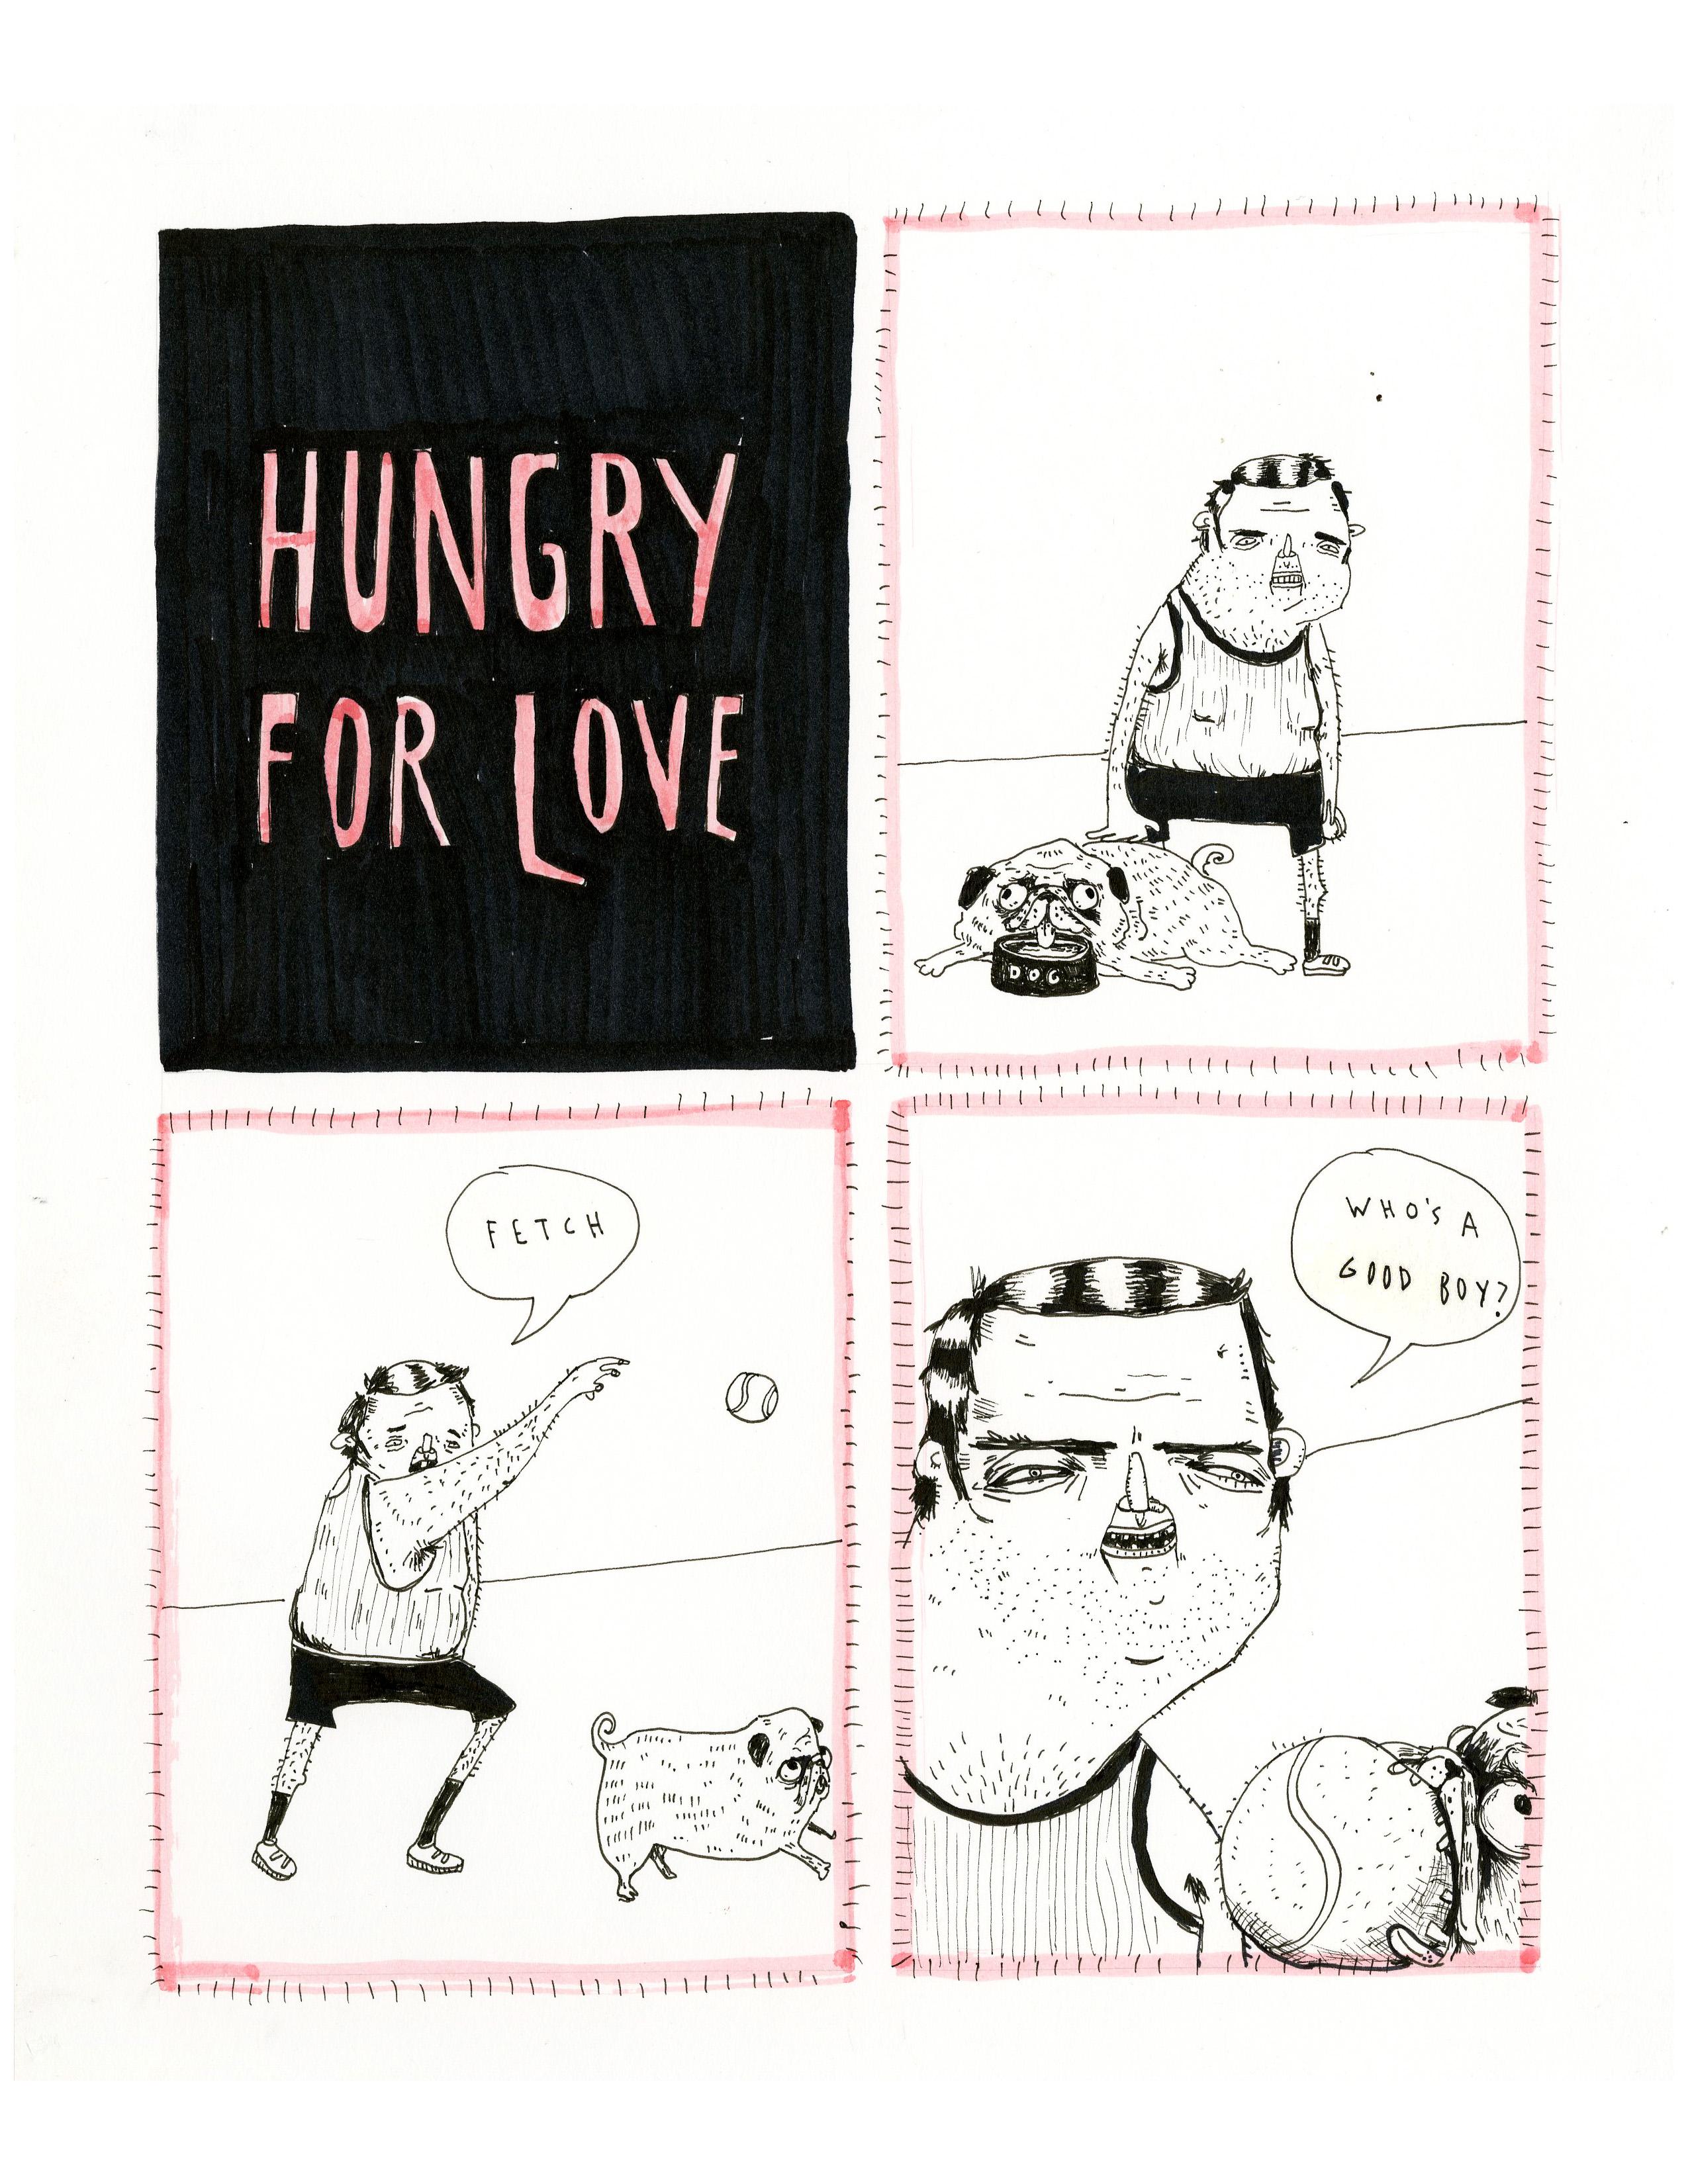 hungryforlove_1